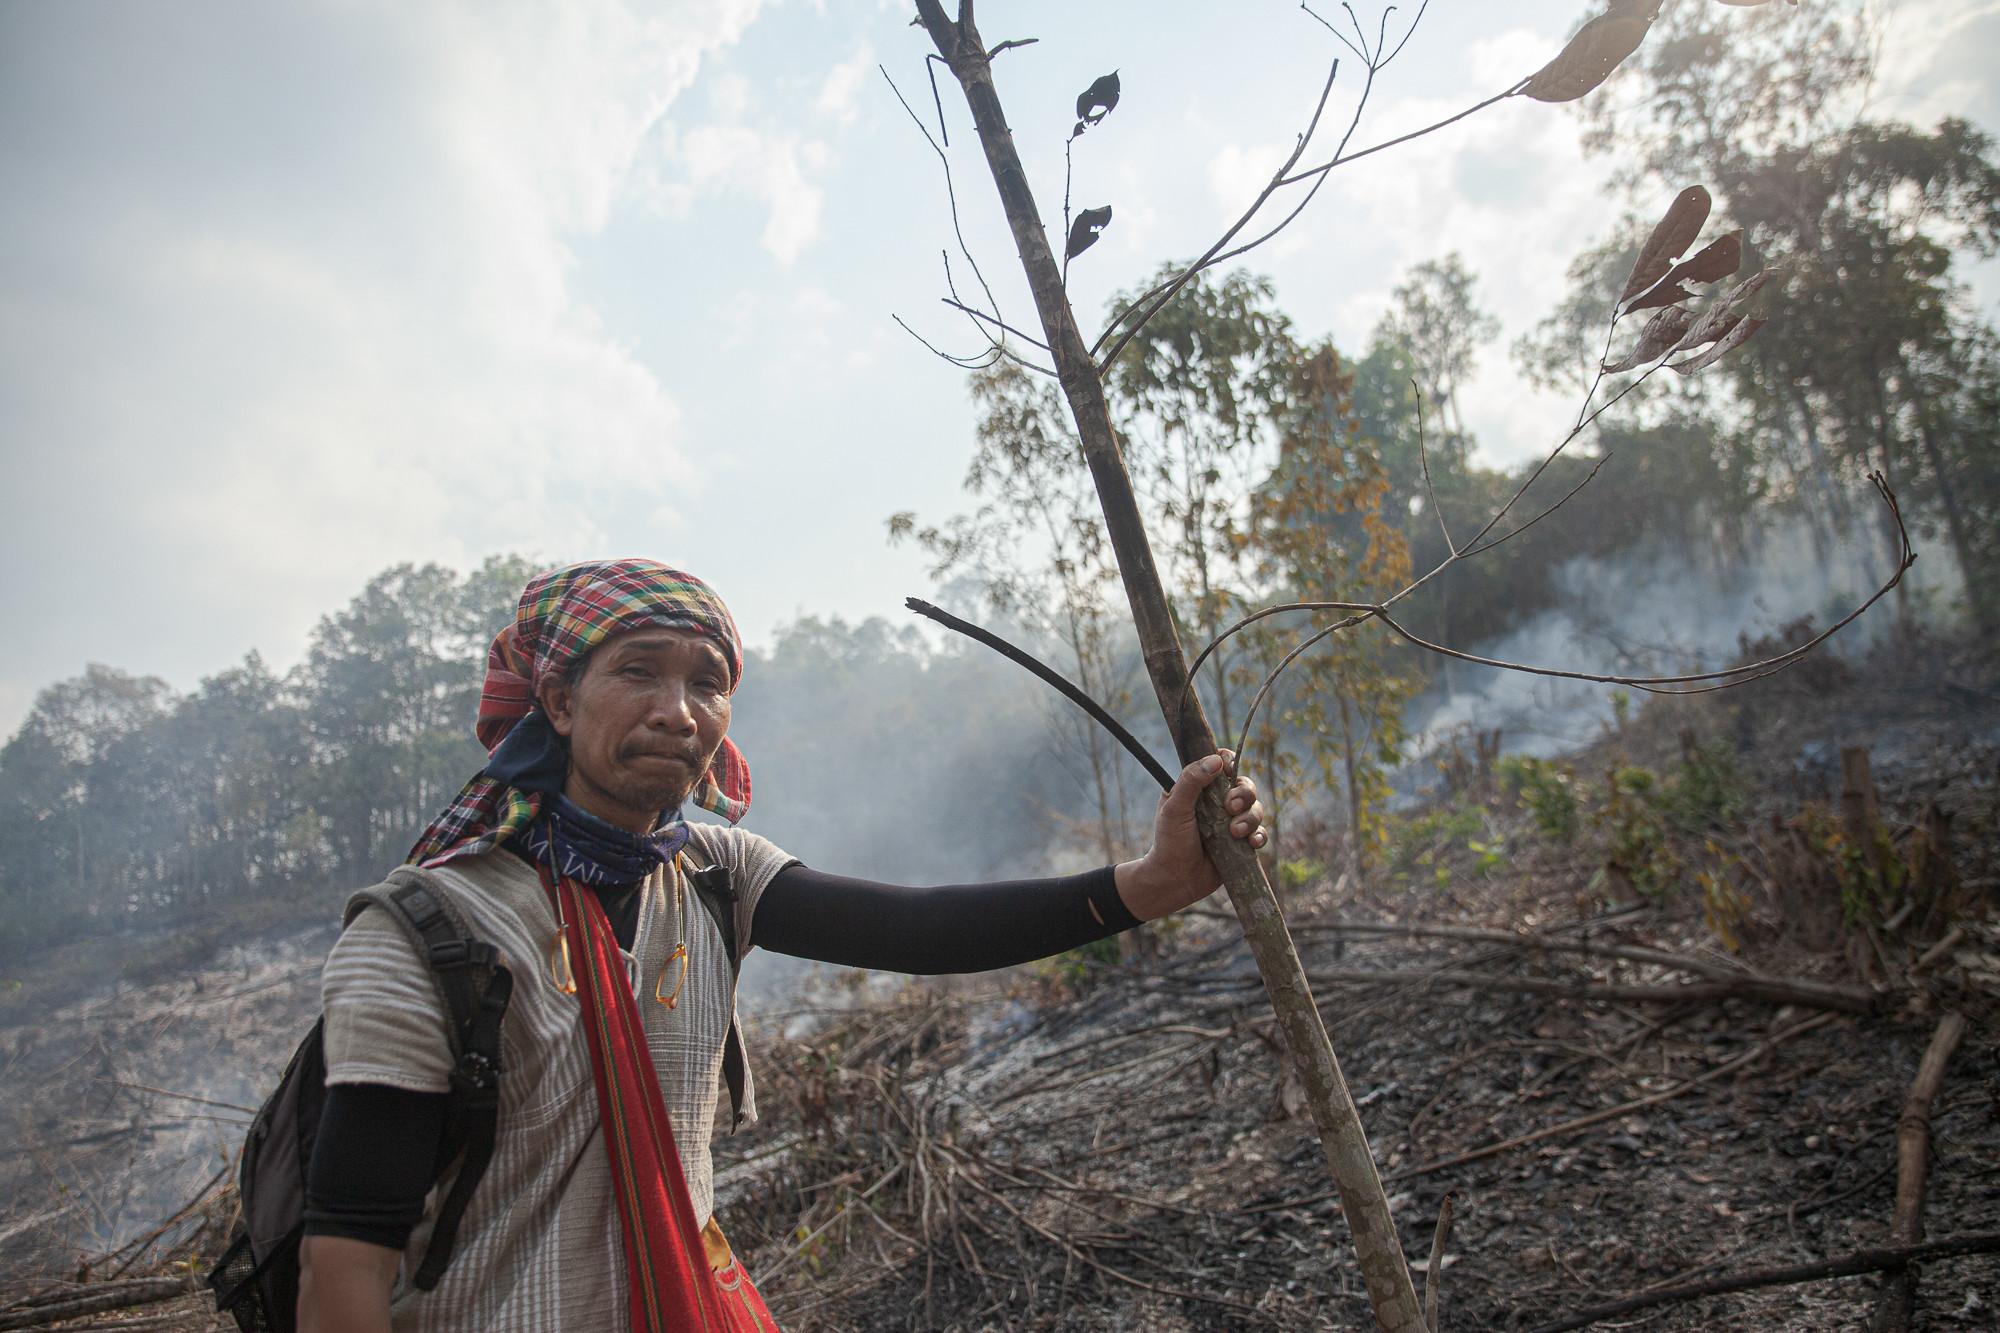 พฤ โอโดเชา ปราชญ์ชาวปกาเกอะญอ ผู้ให้ข้อมูลภูมิปัญญาในการจัดการไฟของชาวบ้าน (ที่มา: ณัฐชานันท์ กล้าหาญ)